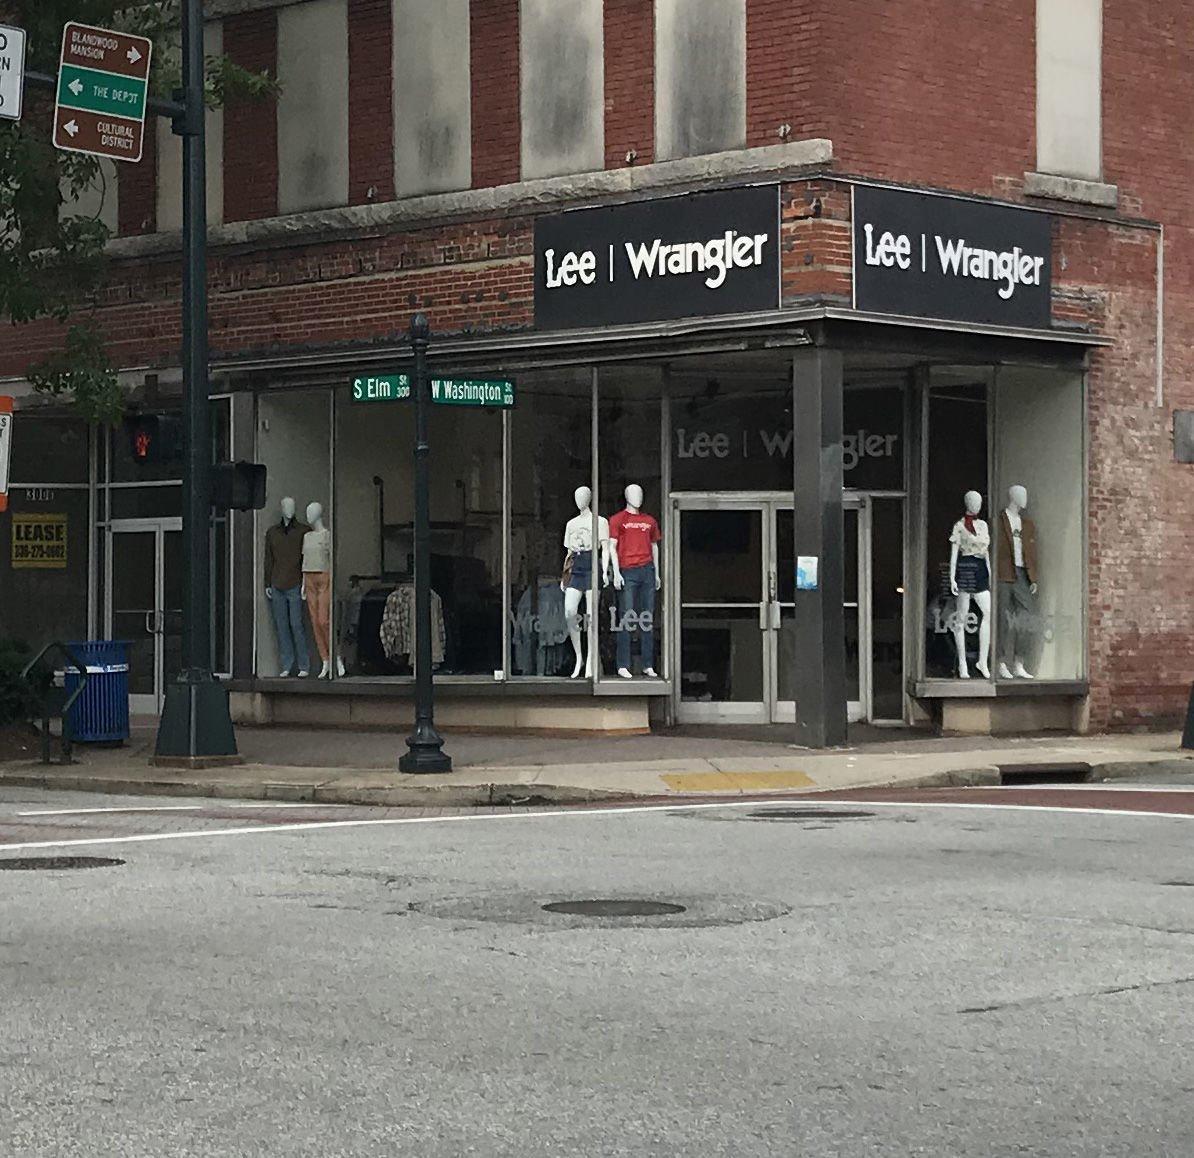 Lee Wrangler Store